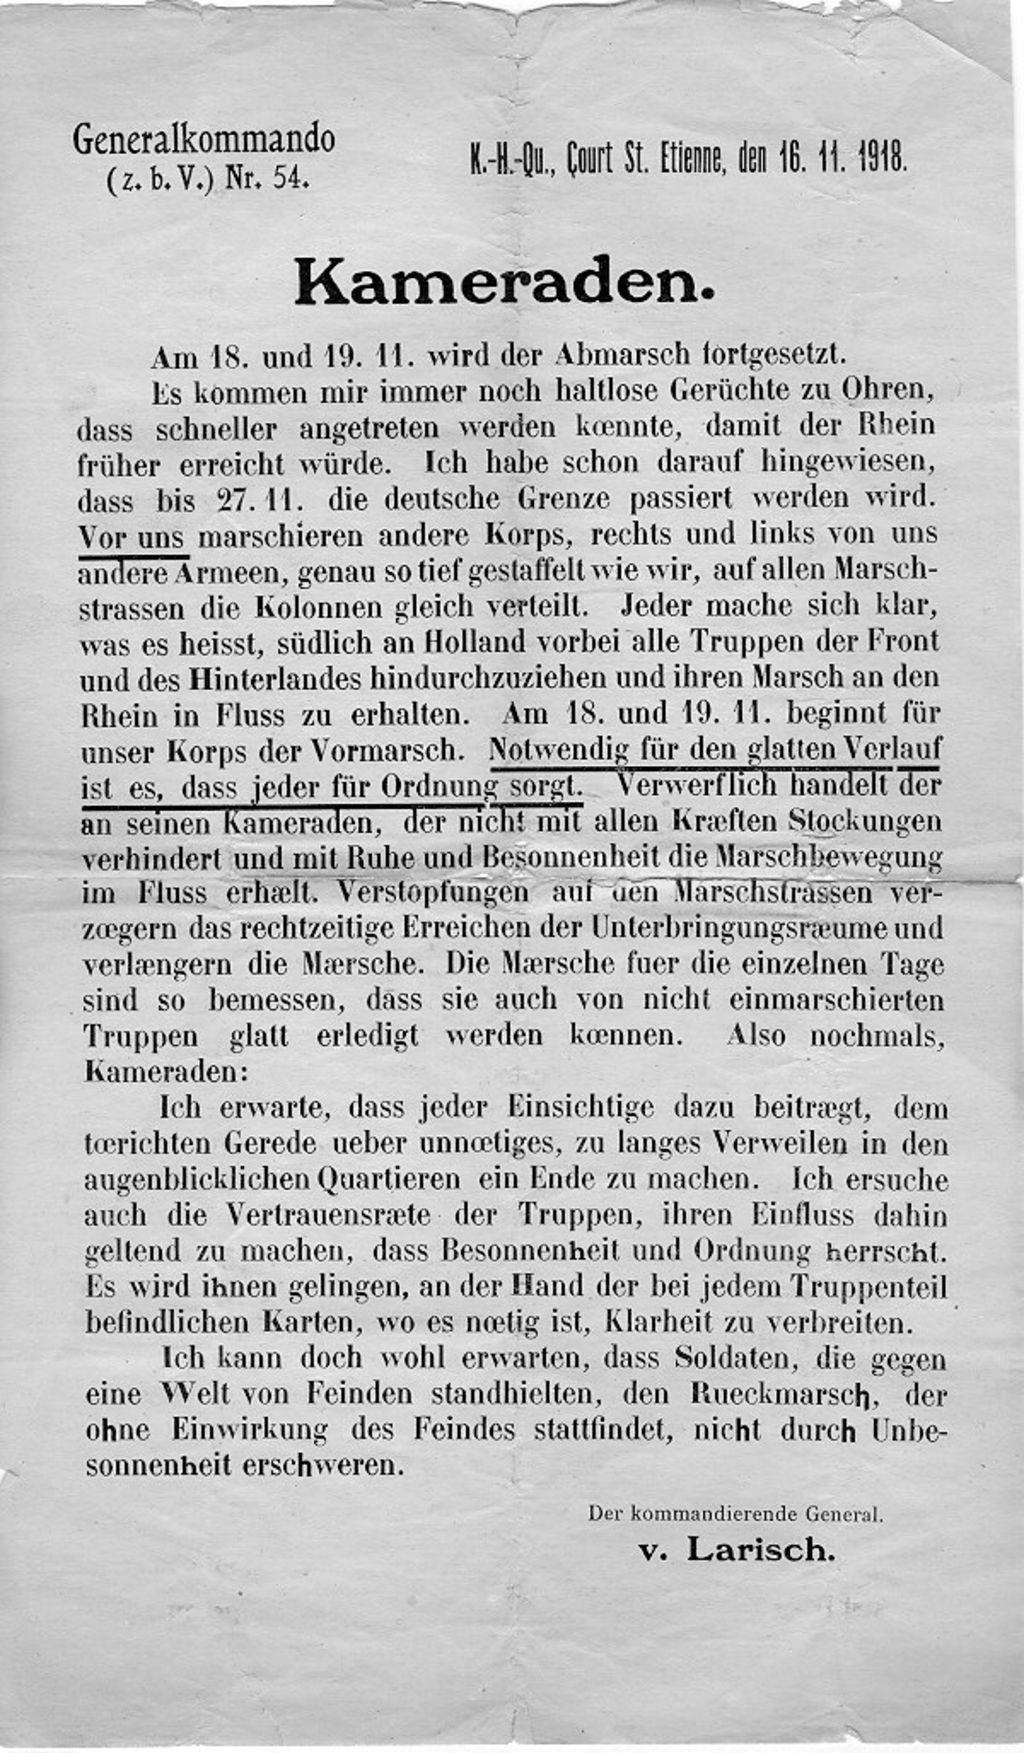 Großzügig Gastfreundschaft Lebenslauf Schlüsselwörter Galerie ...